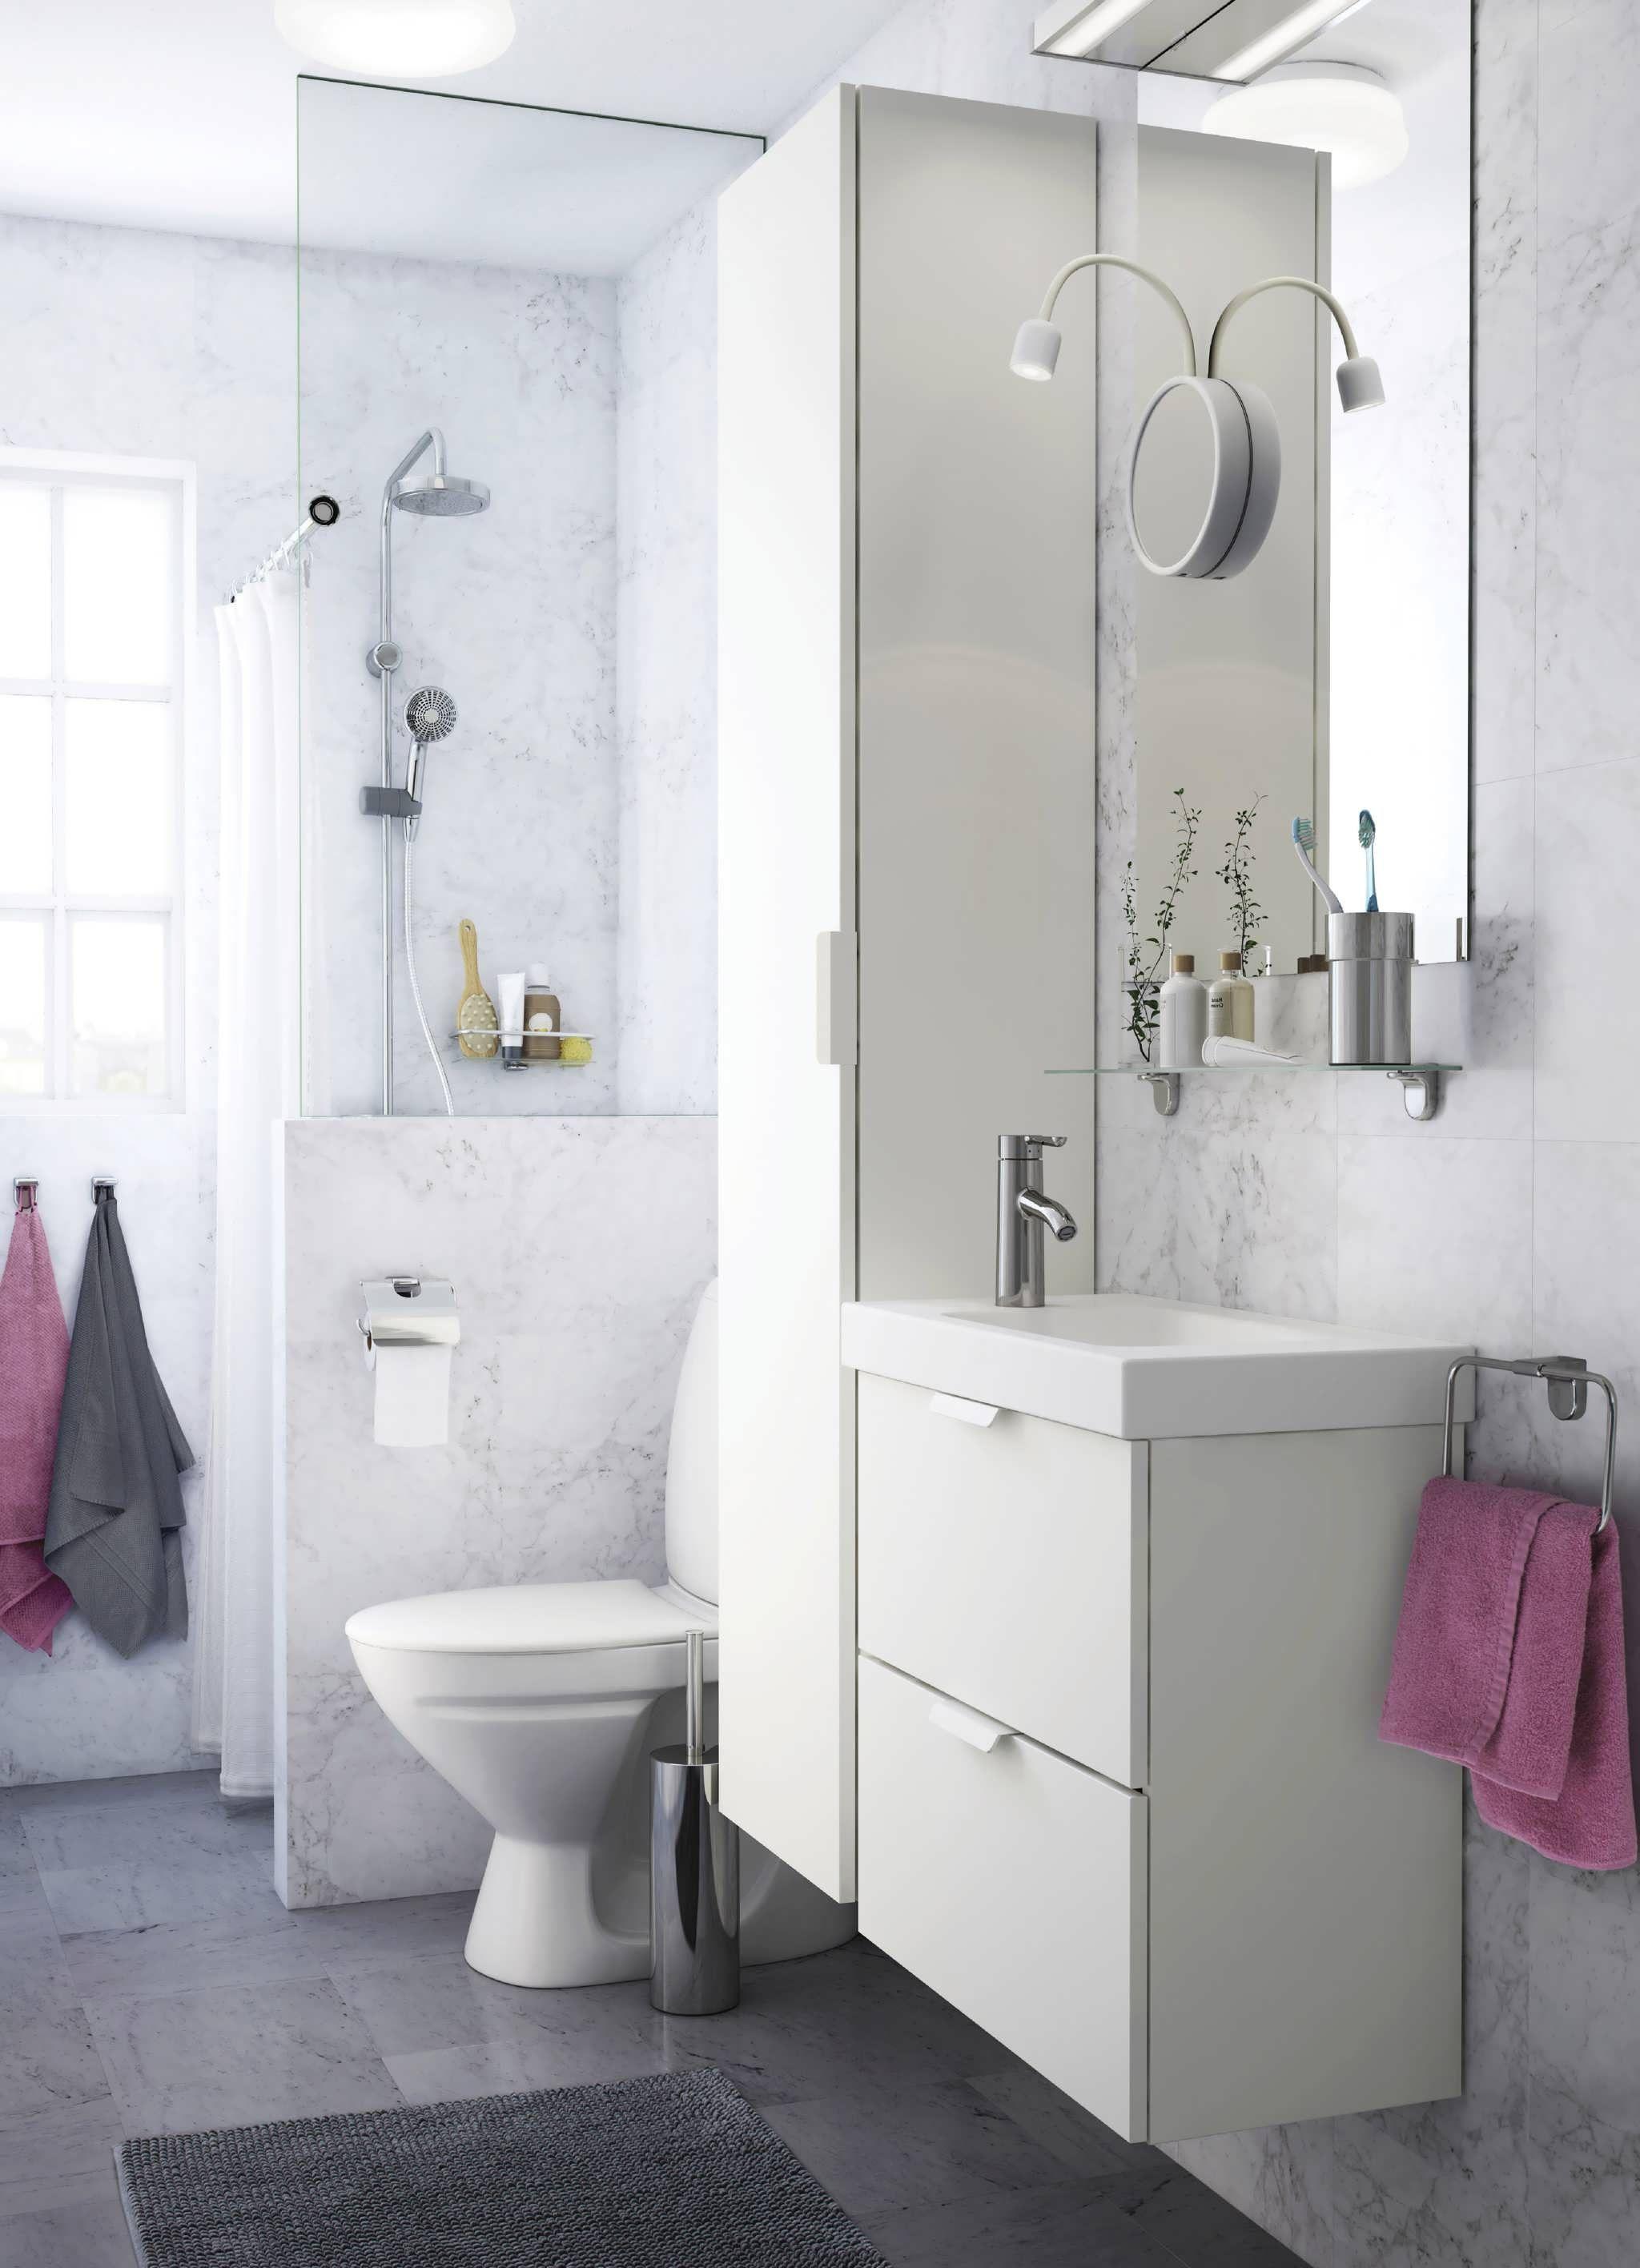 Weiß Badezimmer Kabinett Ideen - Weiße-Badezimmer-Kabinett ...